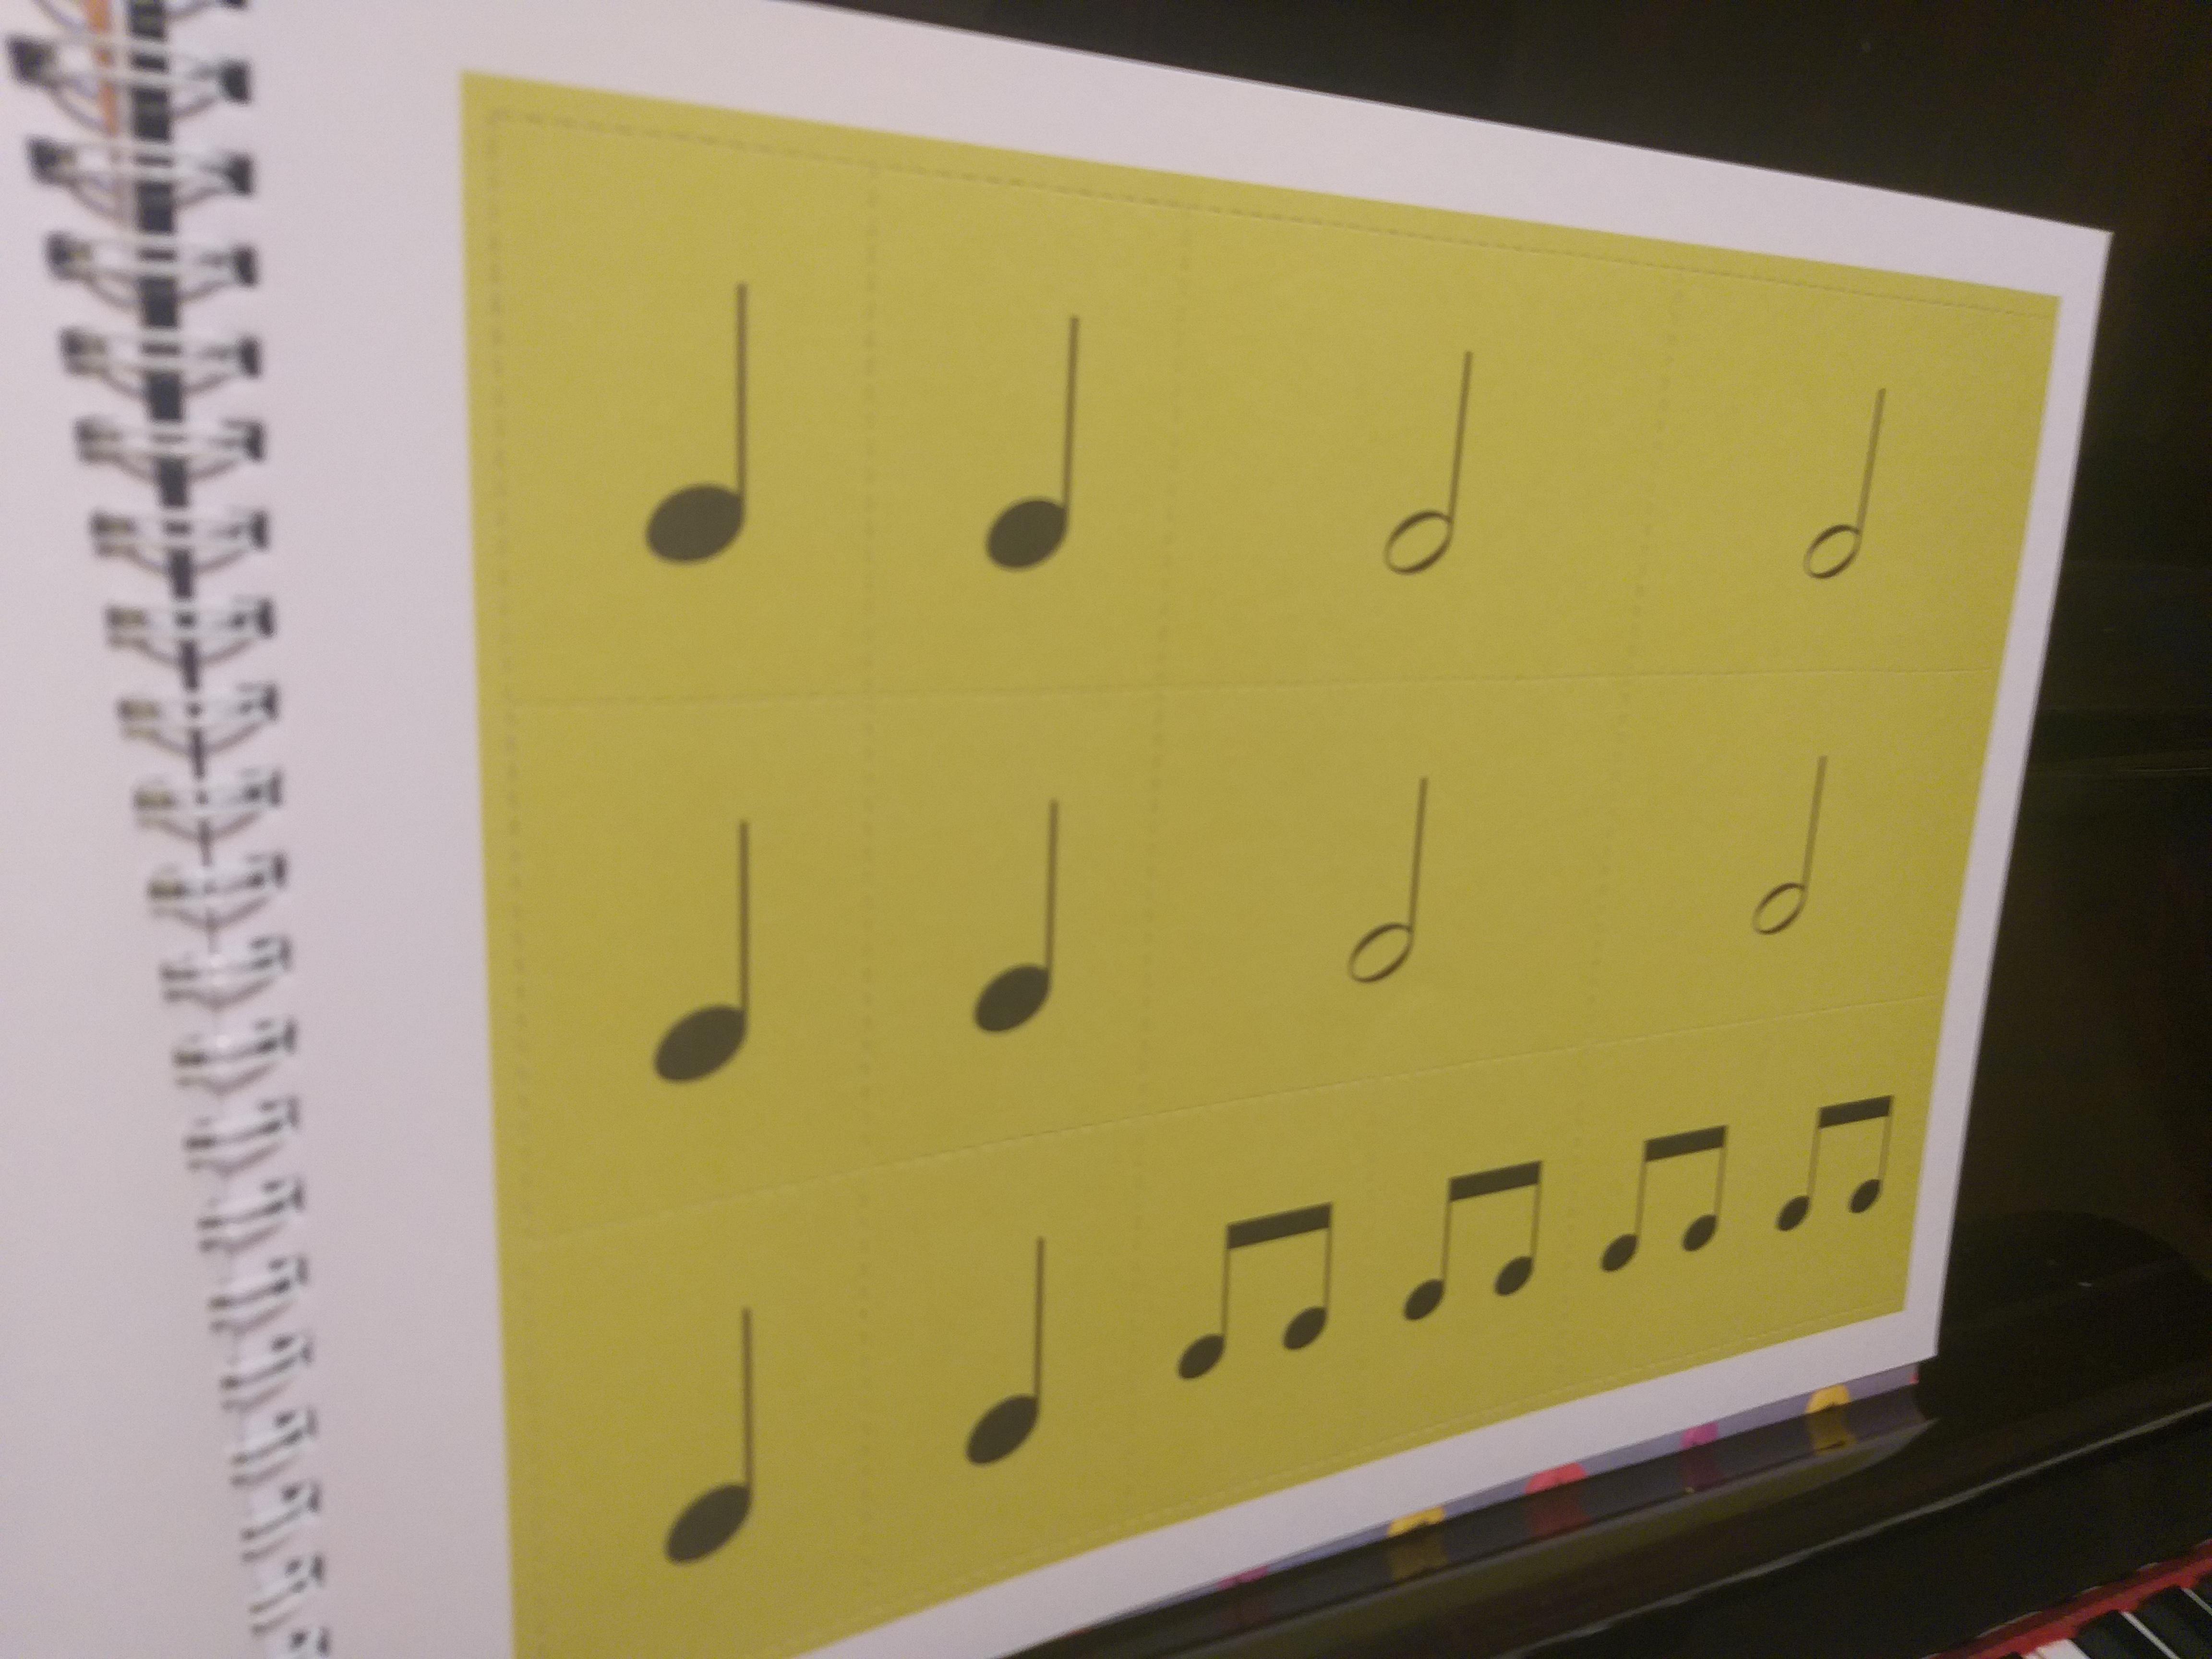 aulas de piano livro  Inspirado nos jogos de RPG